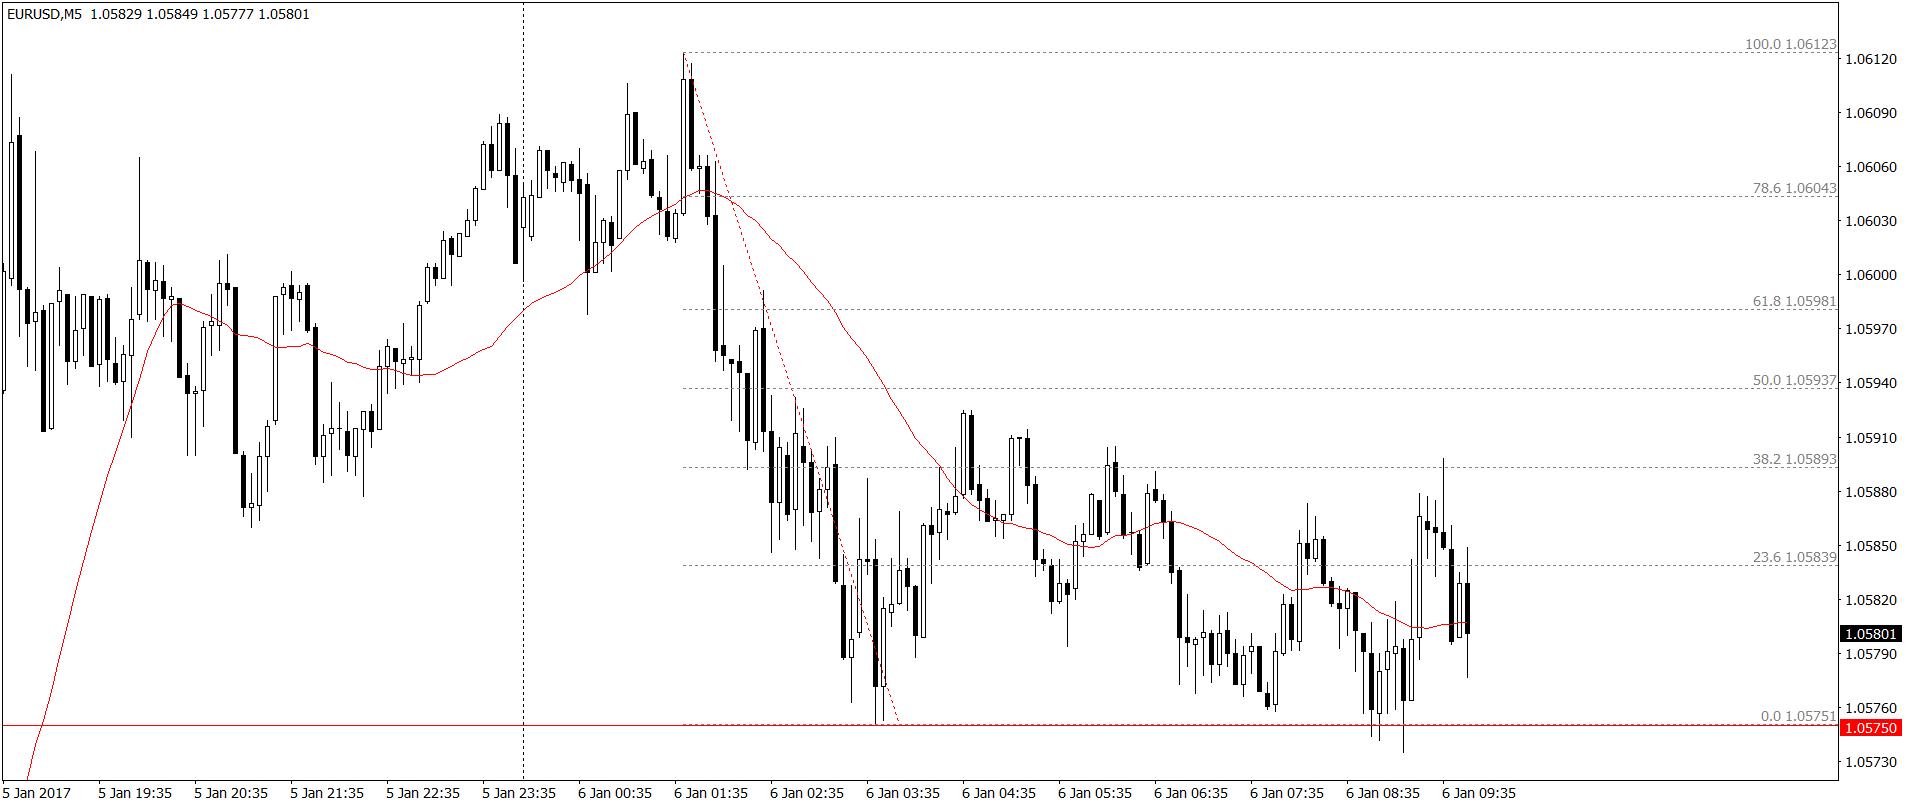 EUR/USD M5 – do tej pory zmienność sesyjna w zakresie kilkudziesięciu pipsów. Wsparcie intraday 1.05750